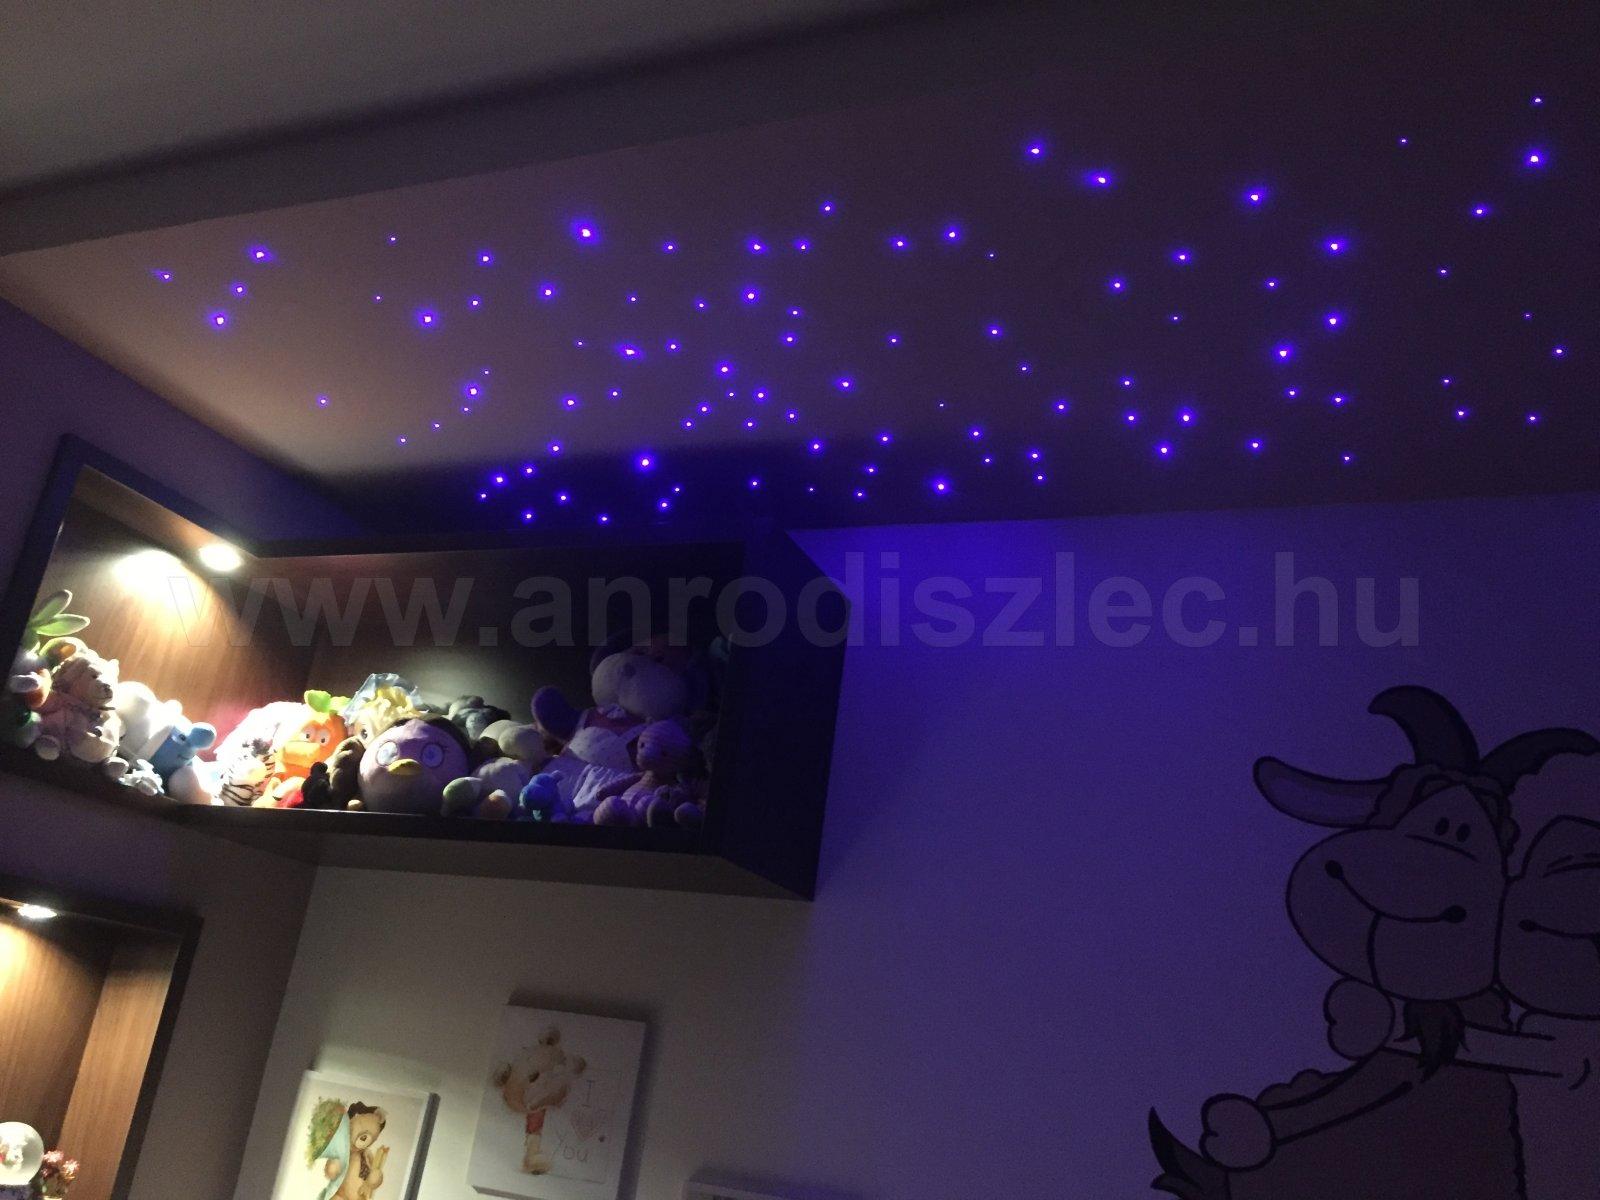 Gyerekszoba II. optikai szálakkal megvilágított hangulatfényben - Vásárlóink fotói - Díszléc és ...